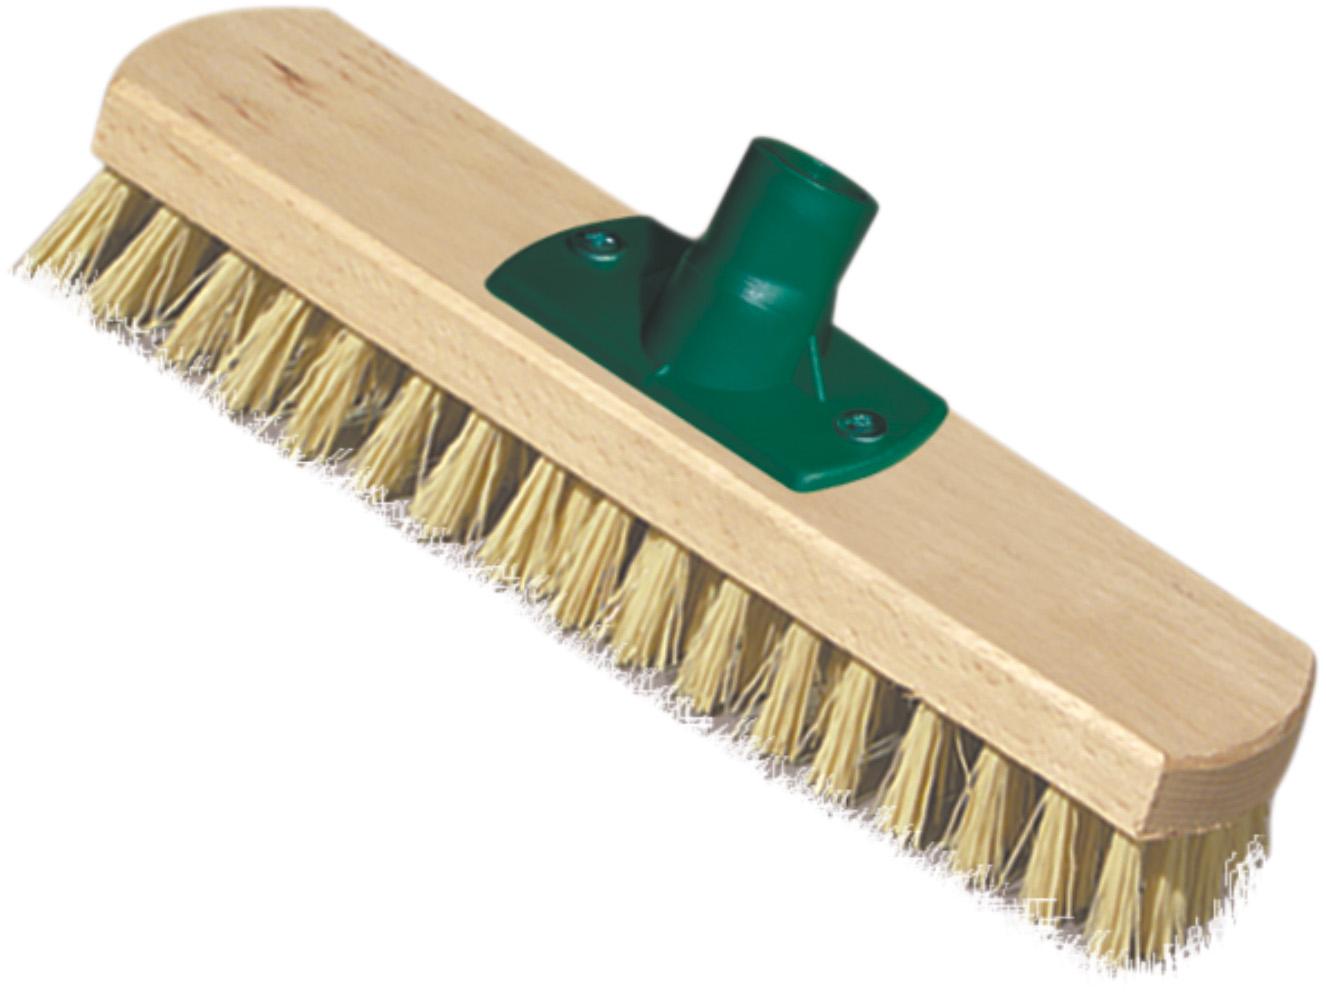 02301 - Schrubber, Holz, 23cm, mit Gewinde